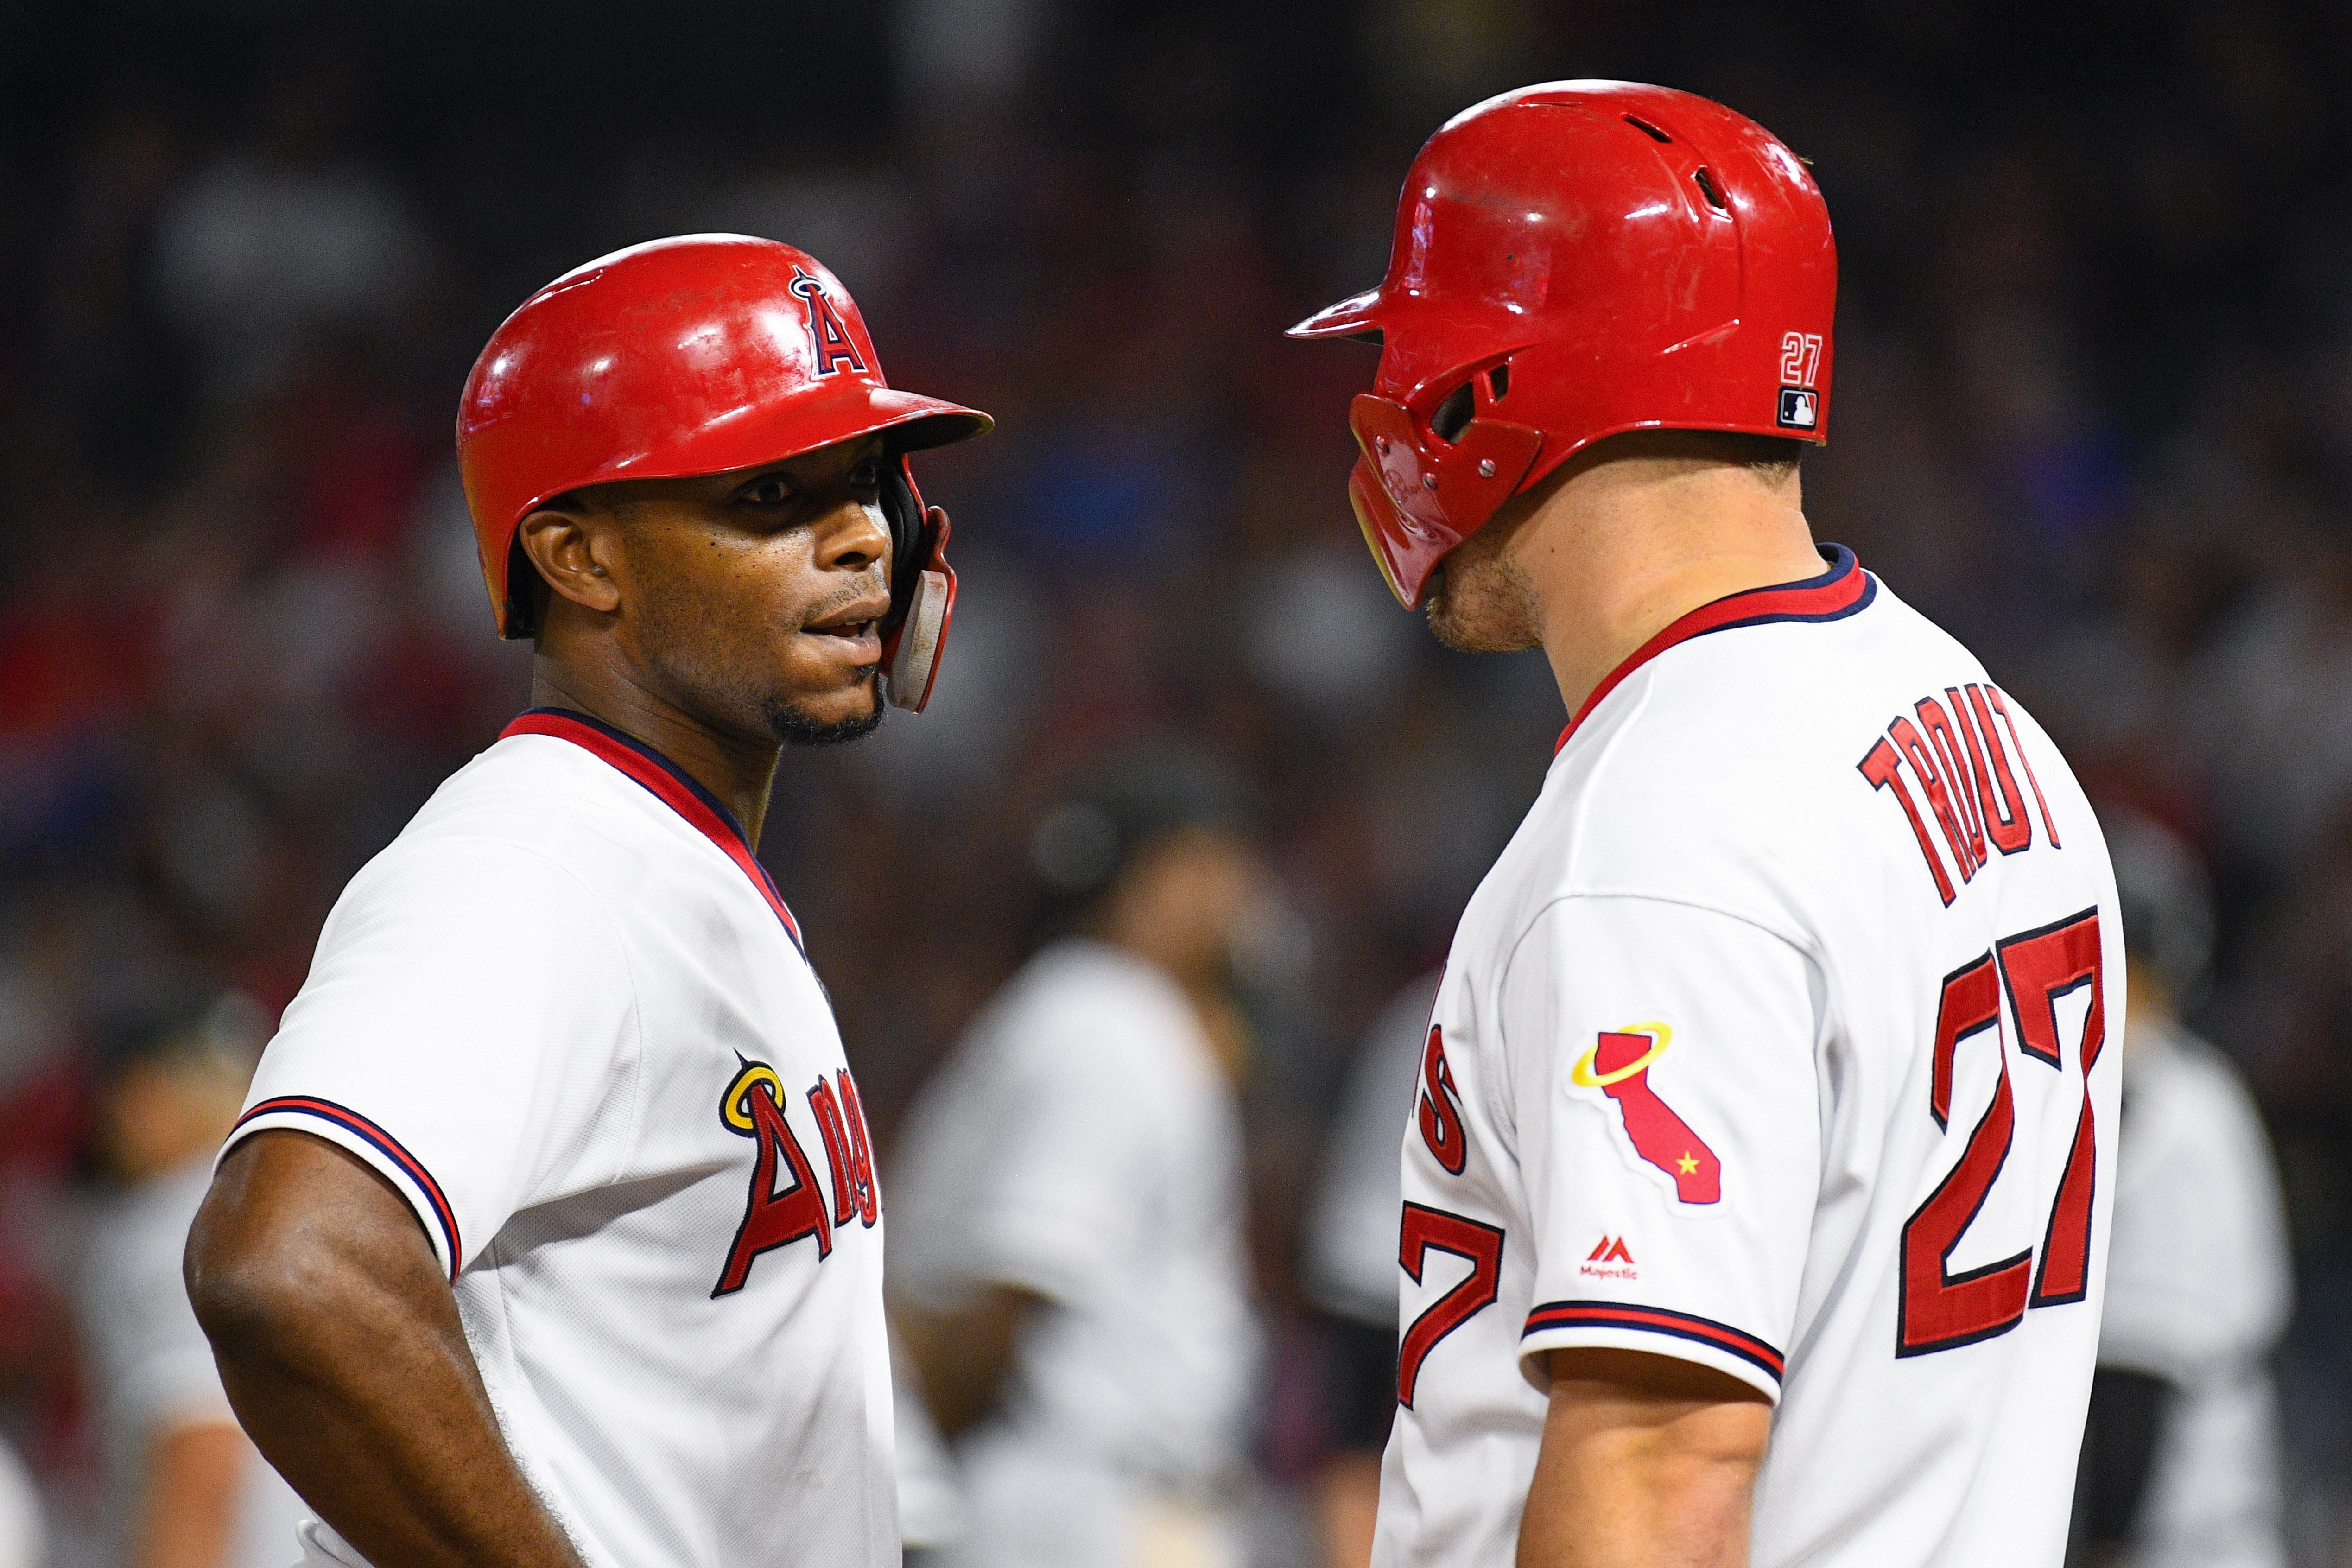 MLB: AUG 17 White Sox at Angels